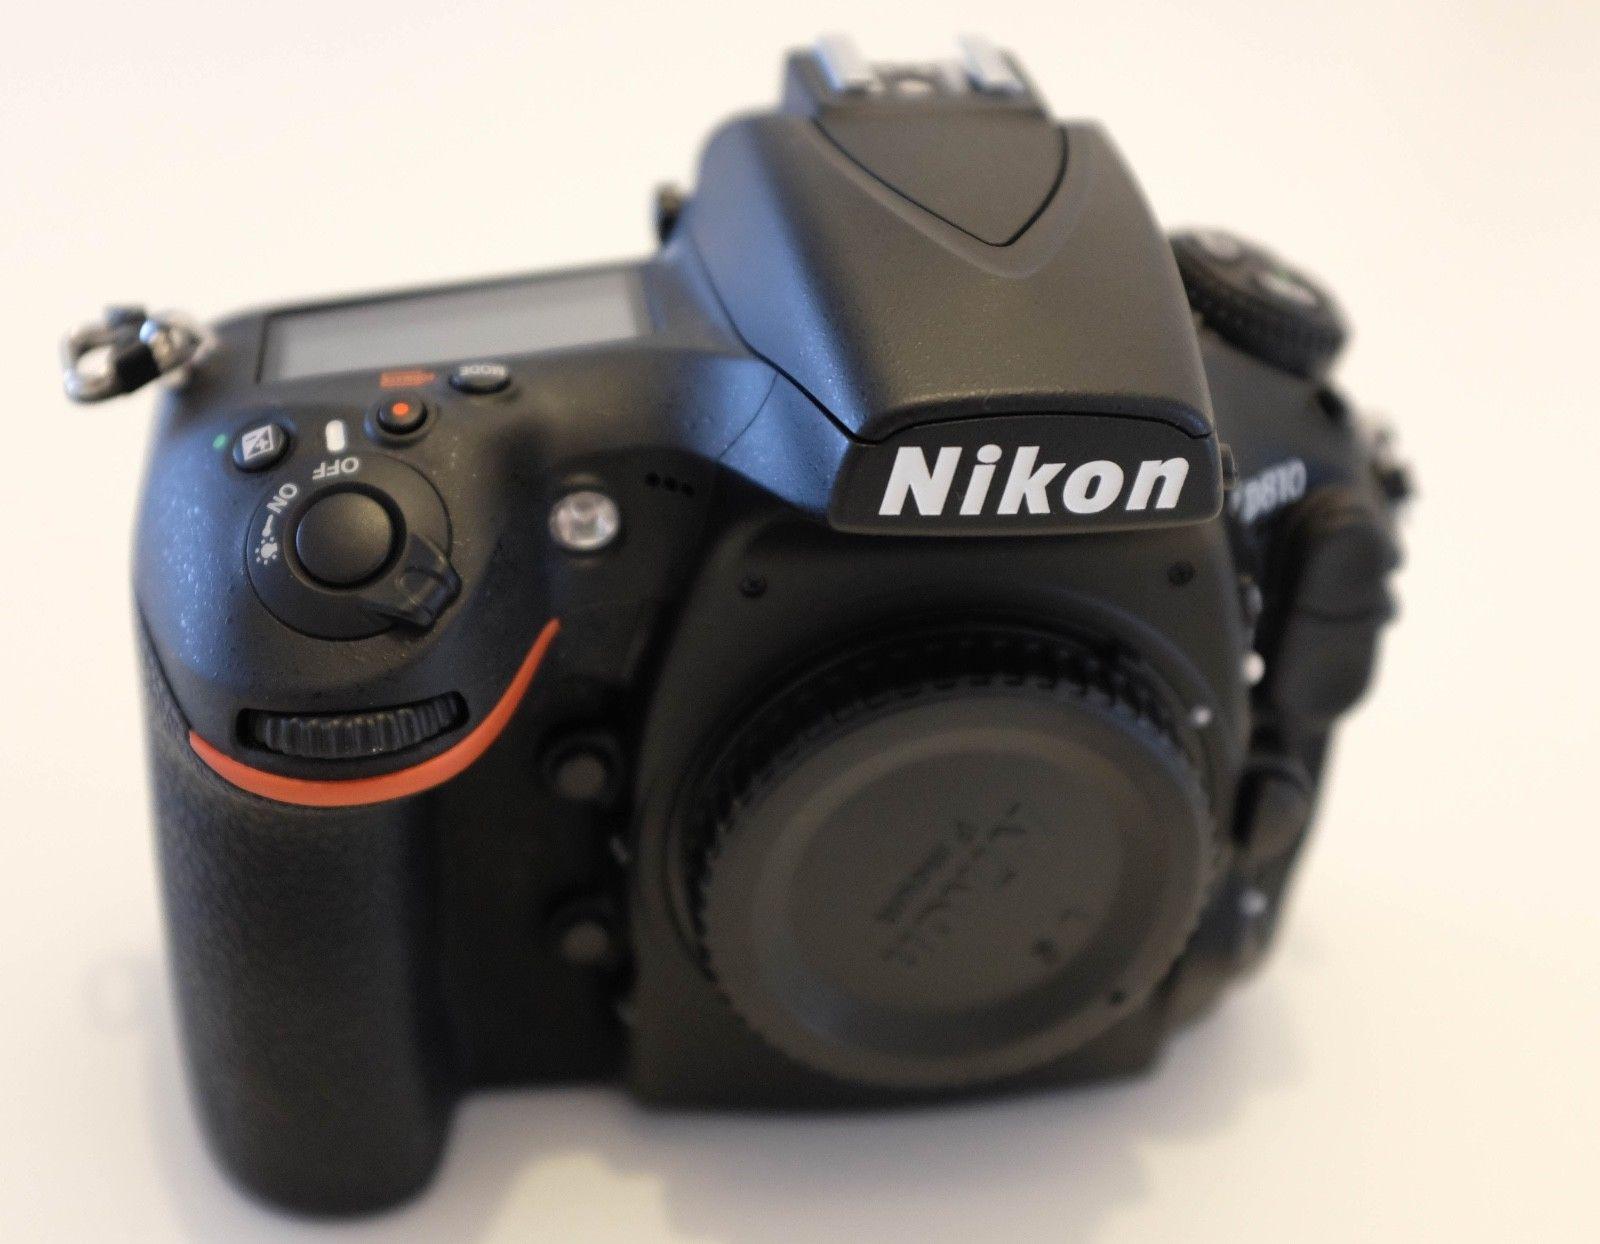 Nikon D810 Gehäuse, 2900 Auslösungen, wie neu, + Originalverpackung